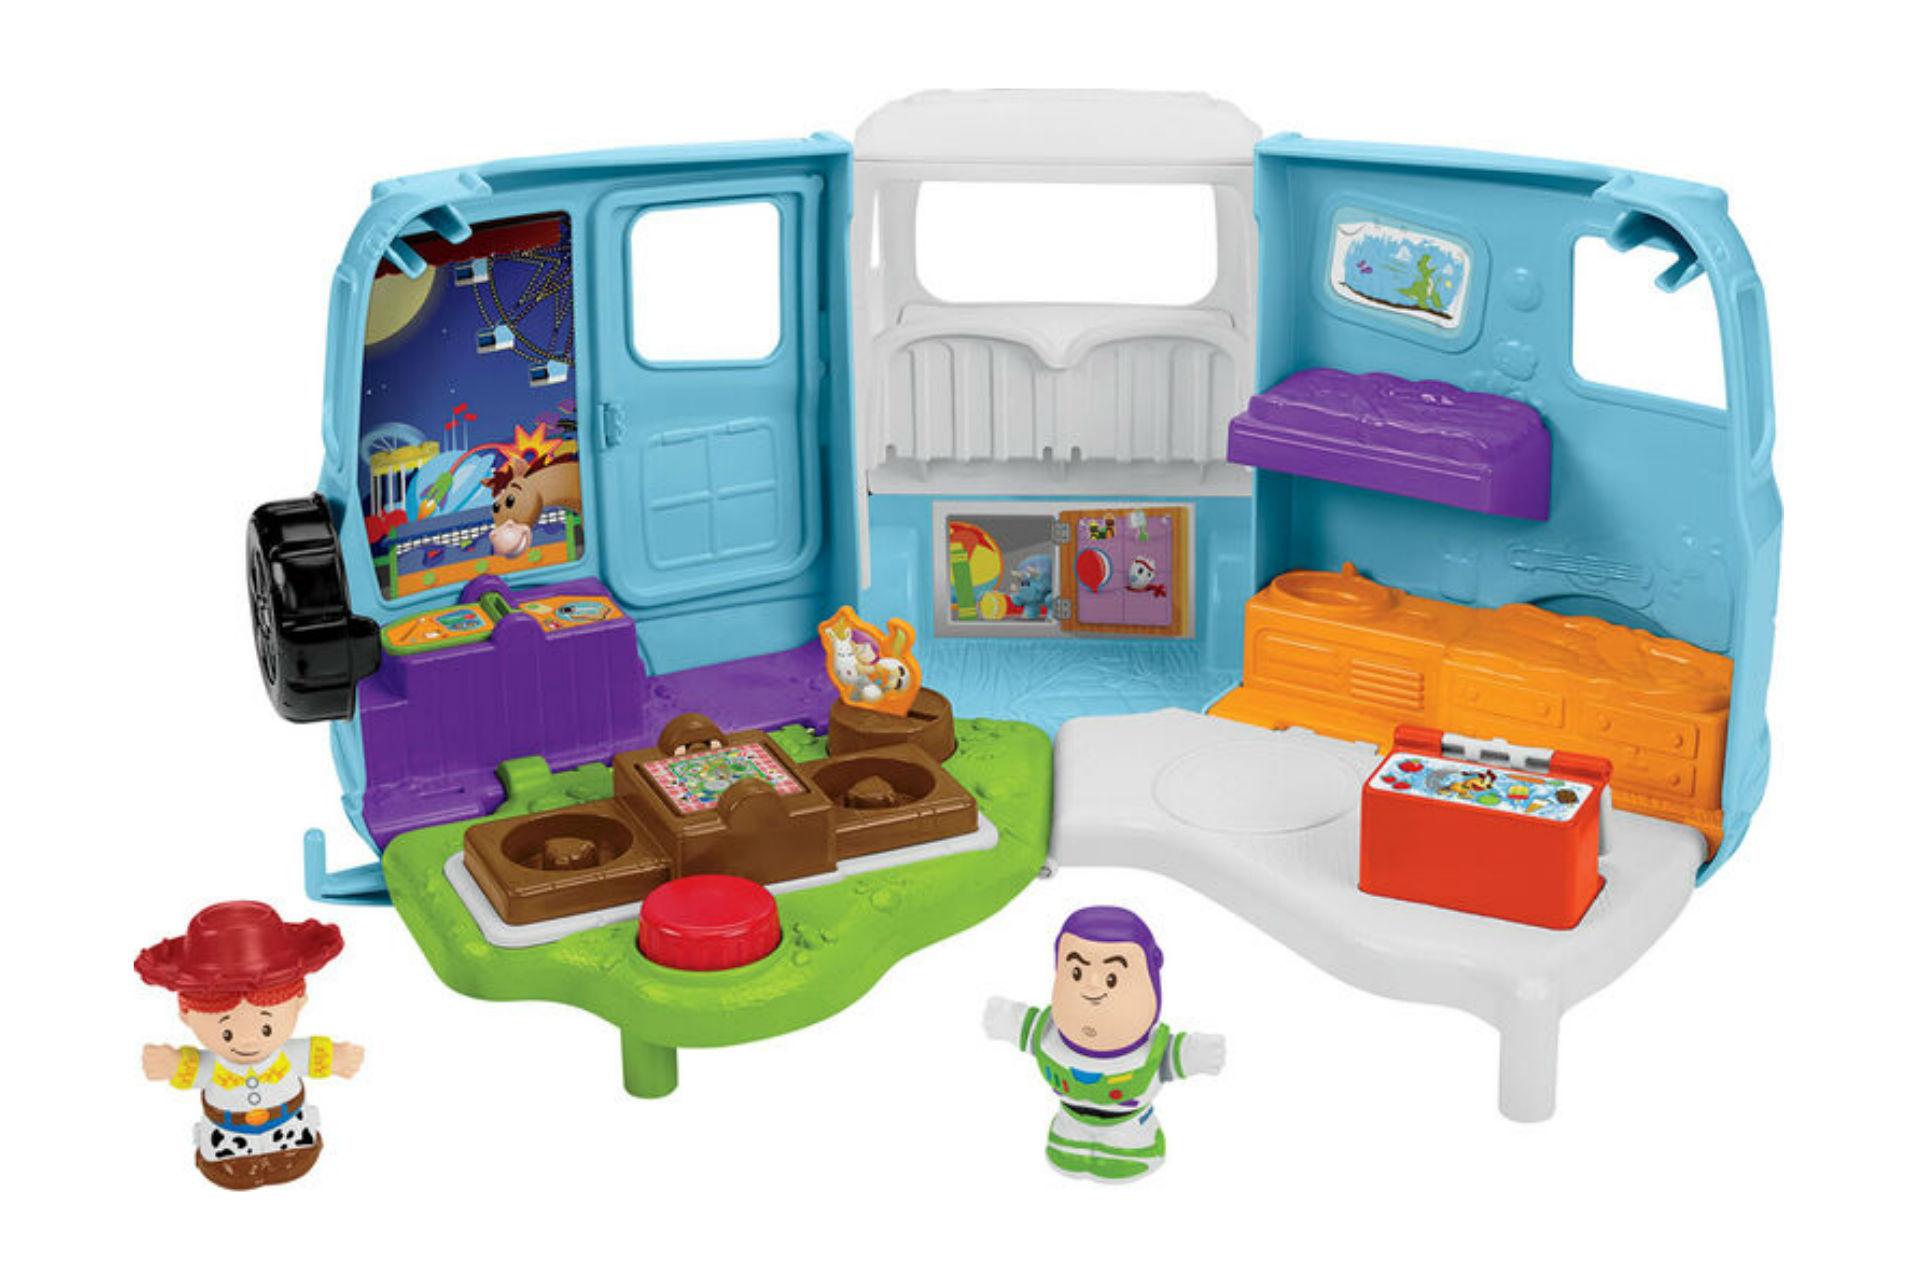 Little People Jessie's Campground Adventure